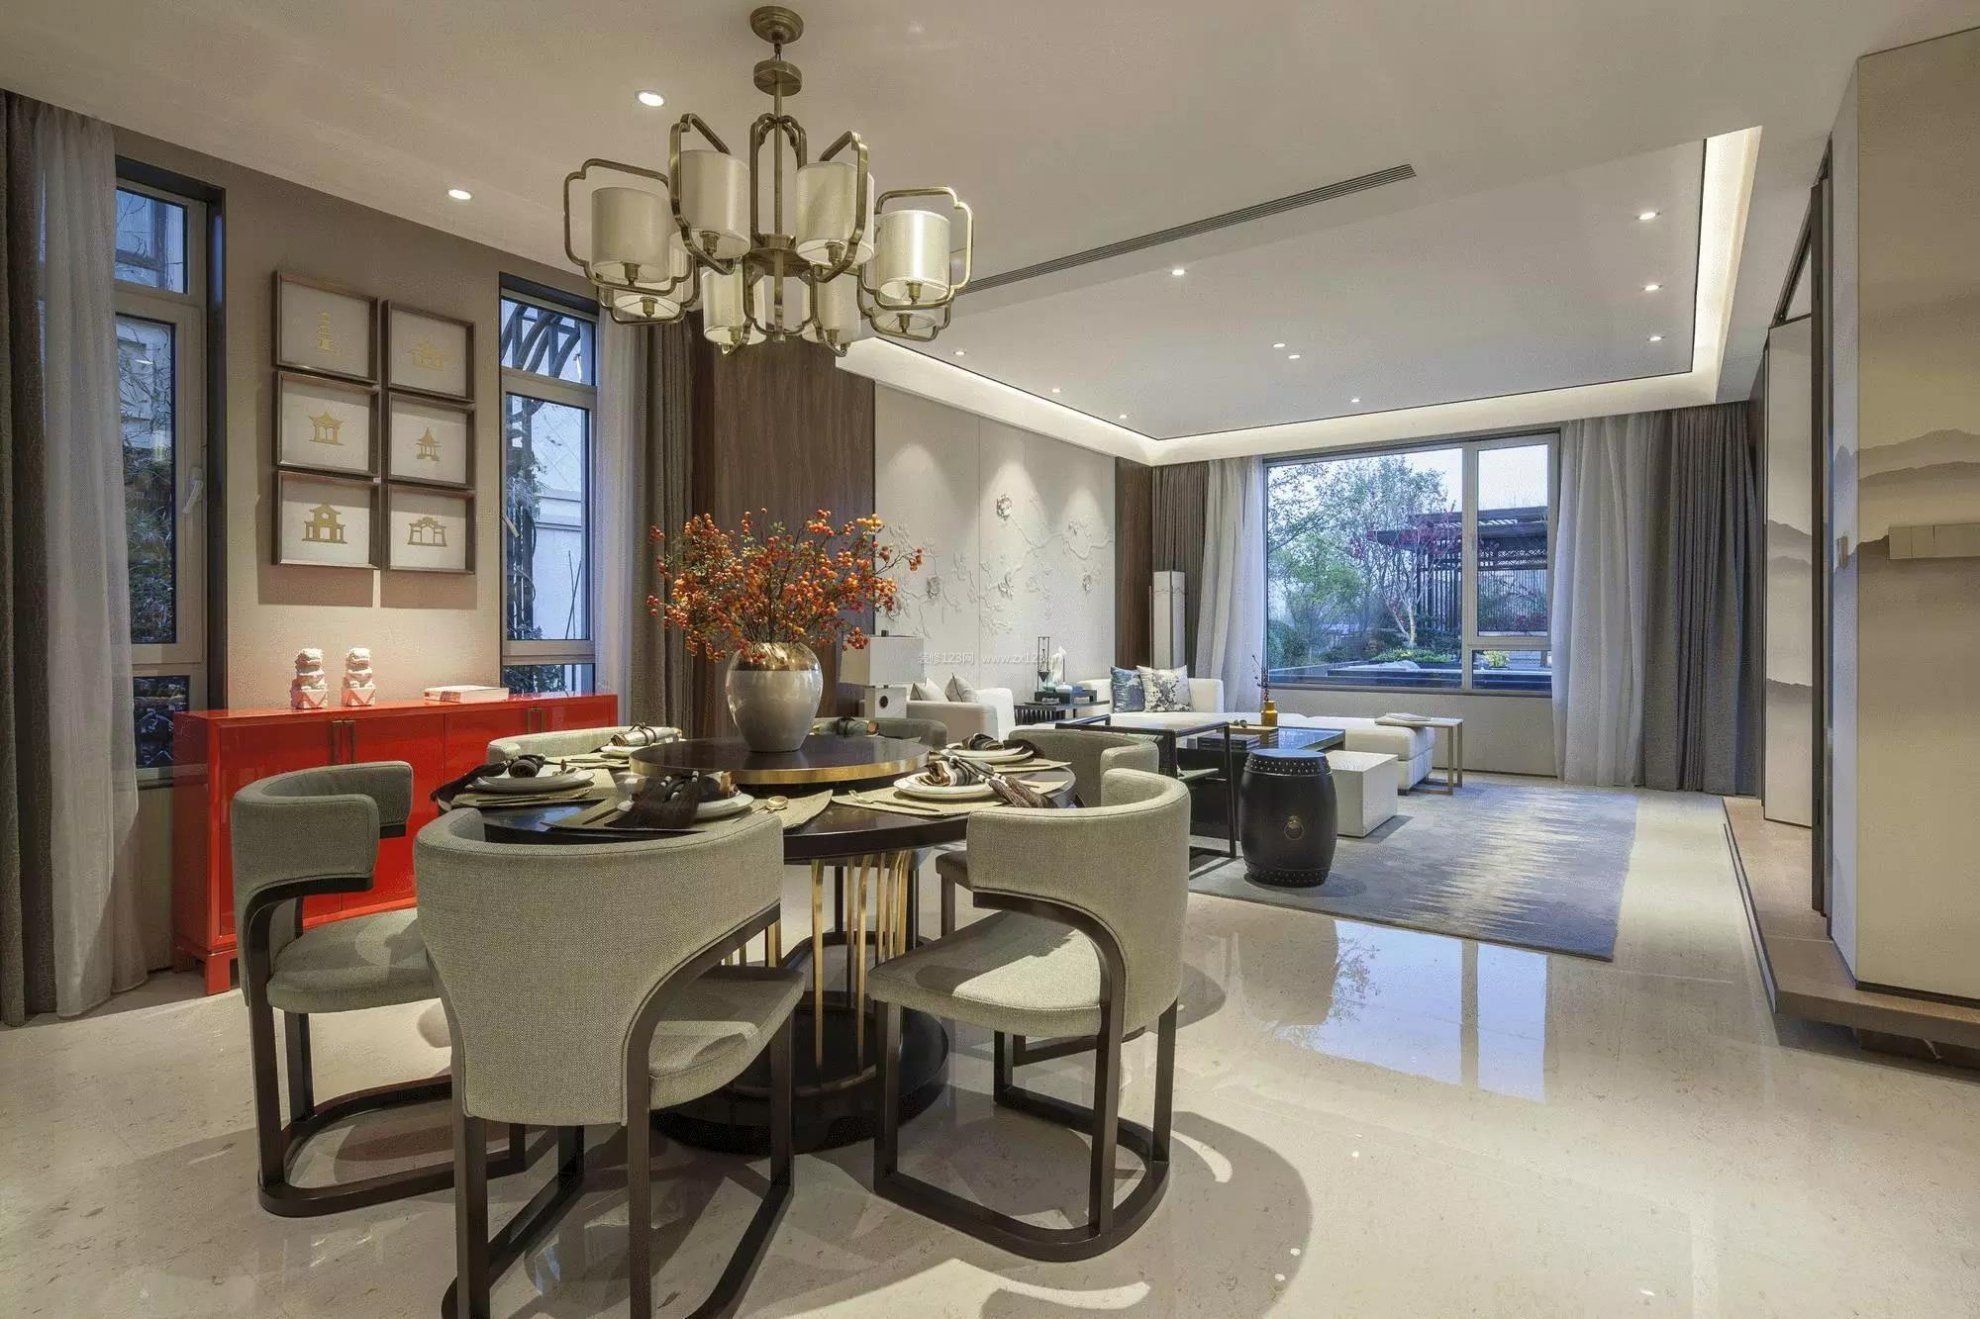 家装效果图 中式 2018新中式豪宅餐厅吊灯装修效果图 提供者:   ←图片